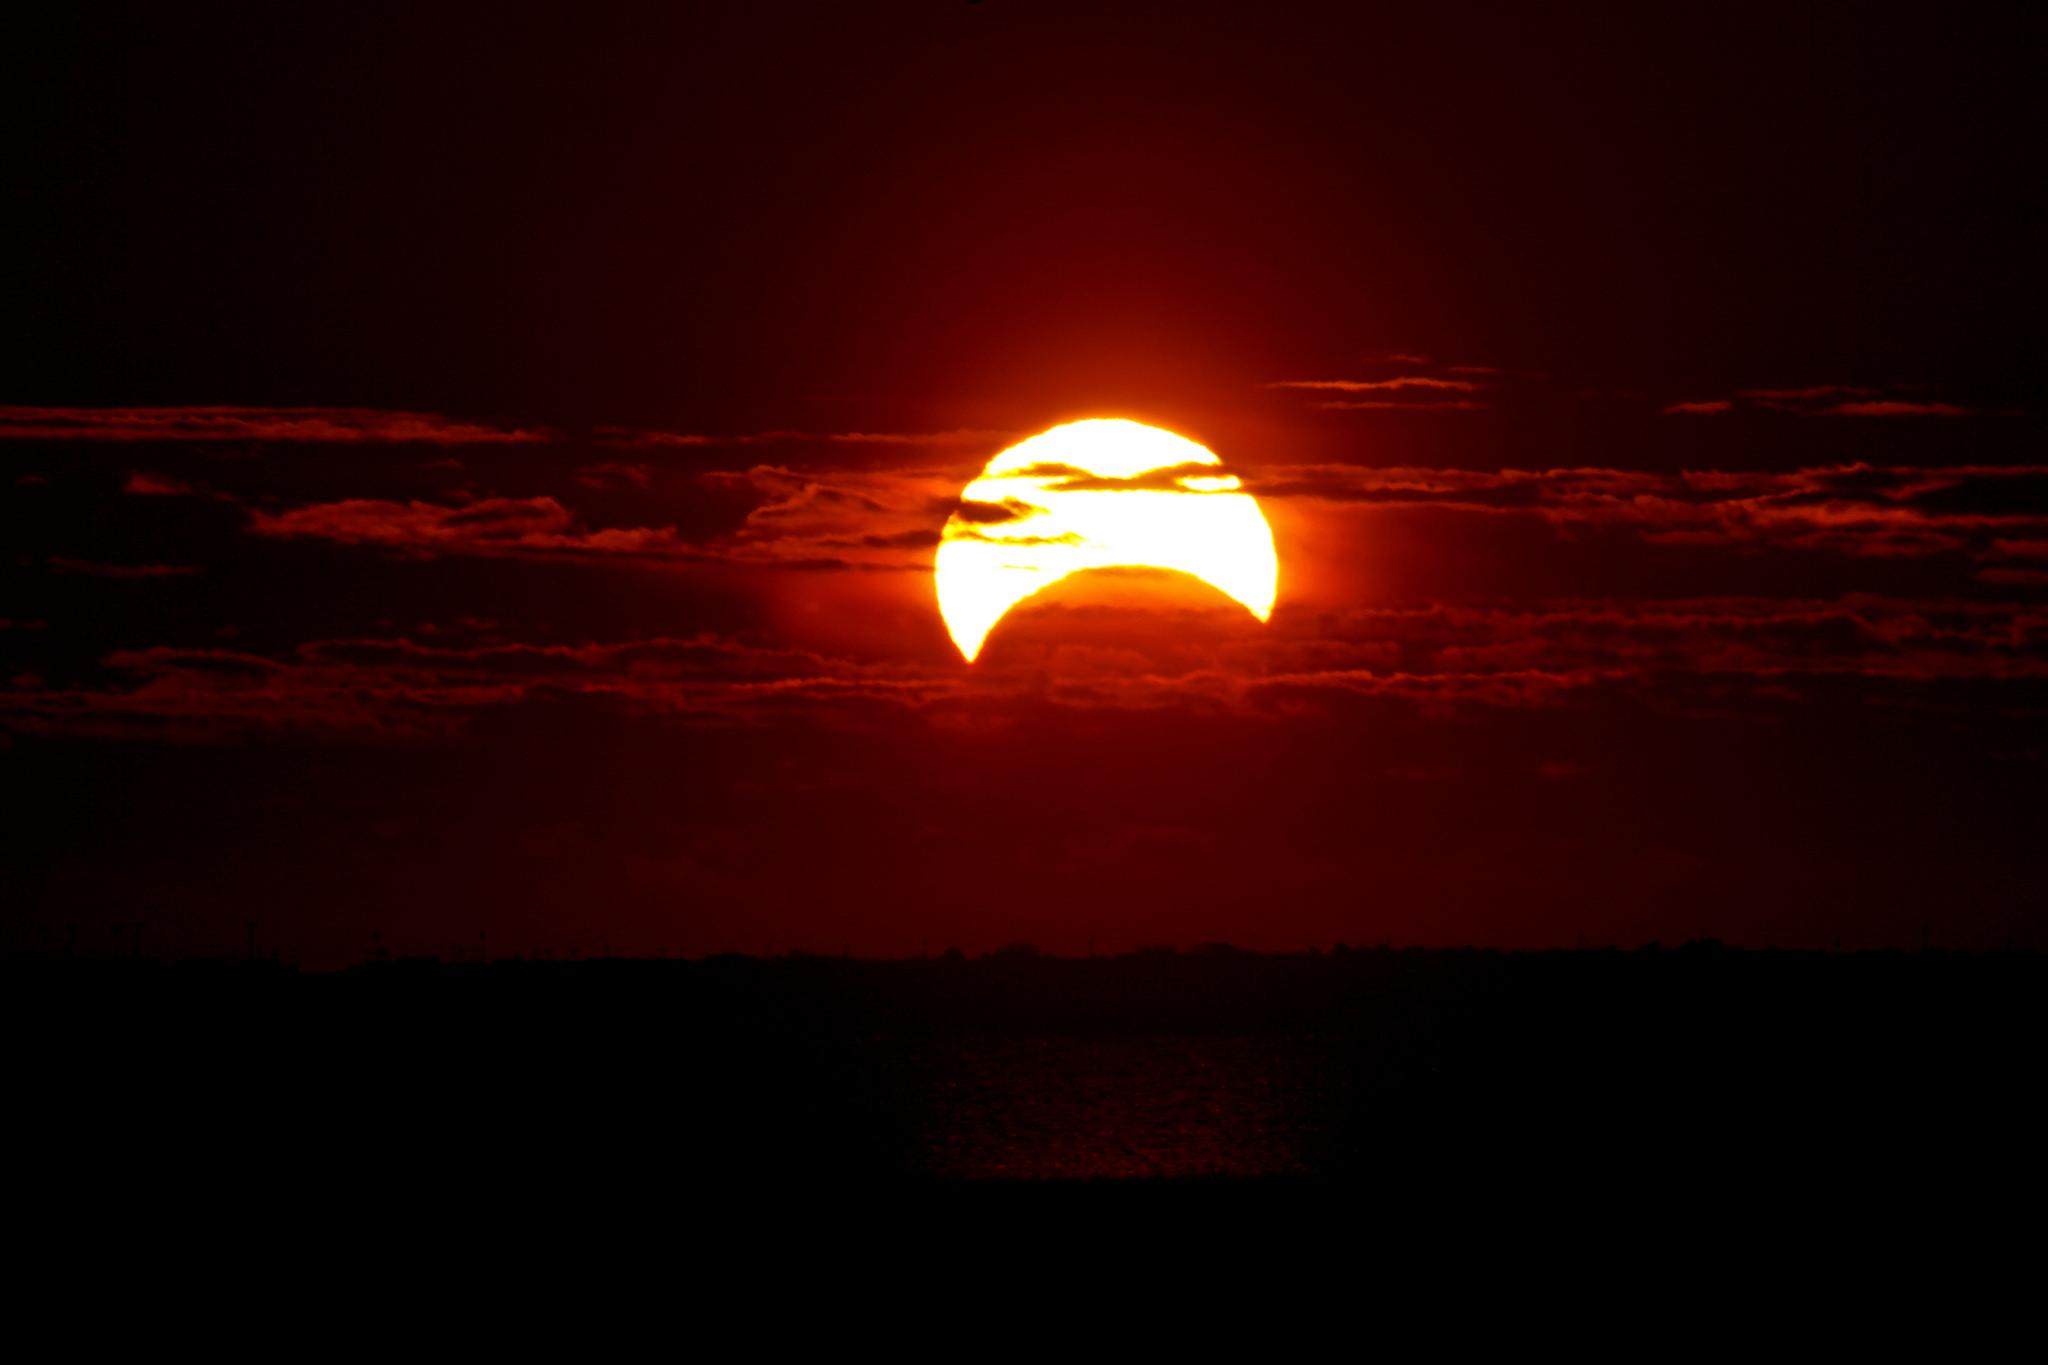 Solar Eclipse, Part 2